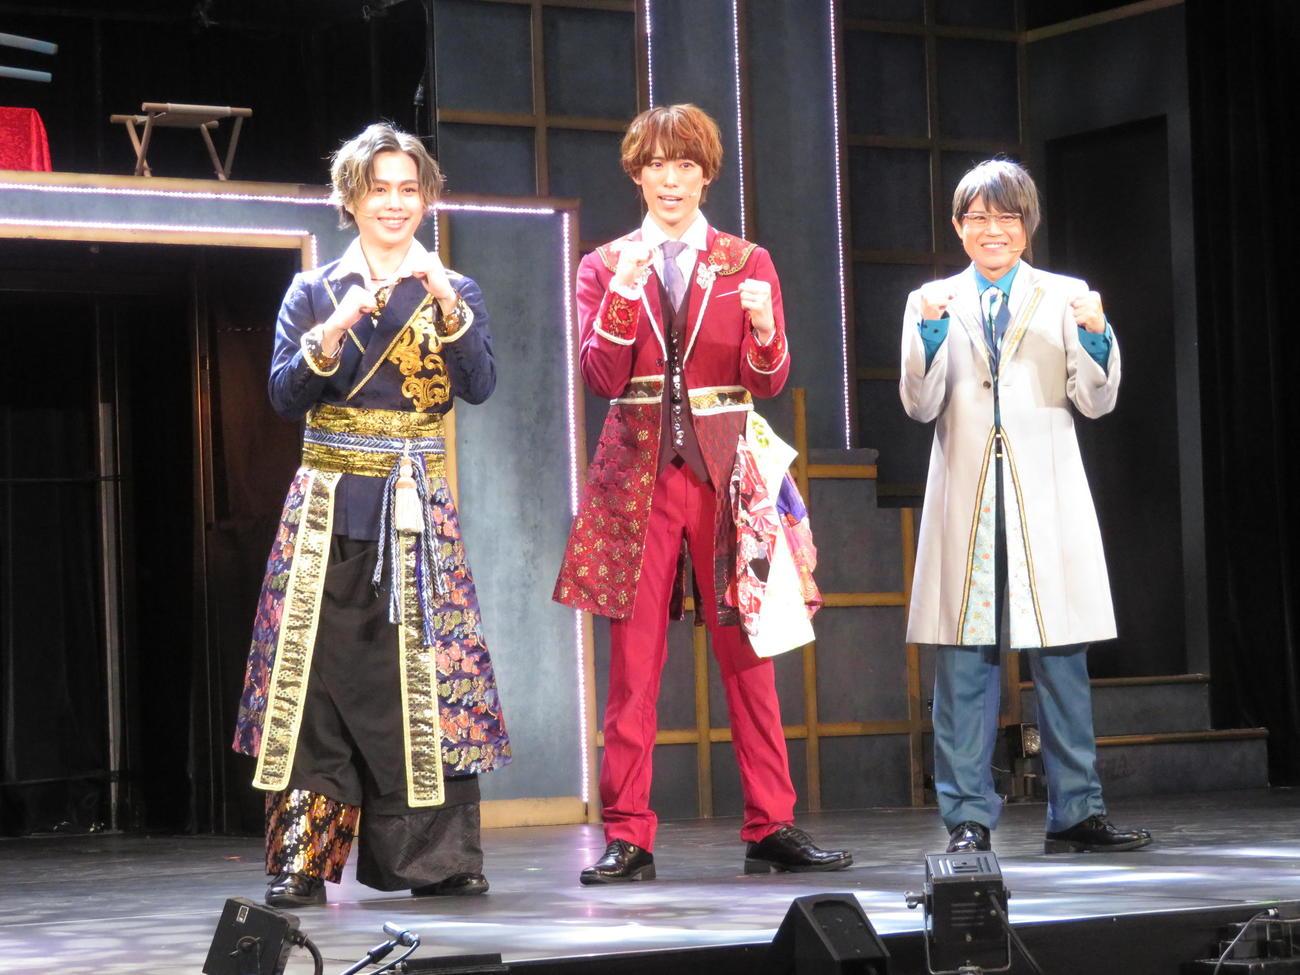 初単独主演舞台「This is 大奥」のゲネプロに臨む越岡裕貴(中央)。左は小川優、右は玉野和紀(撮影・横山慧)